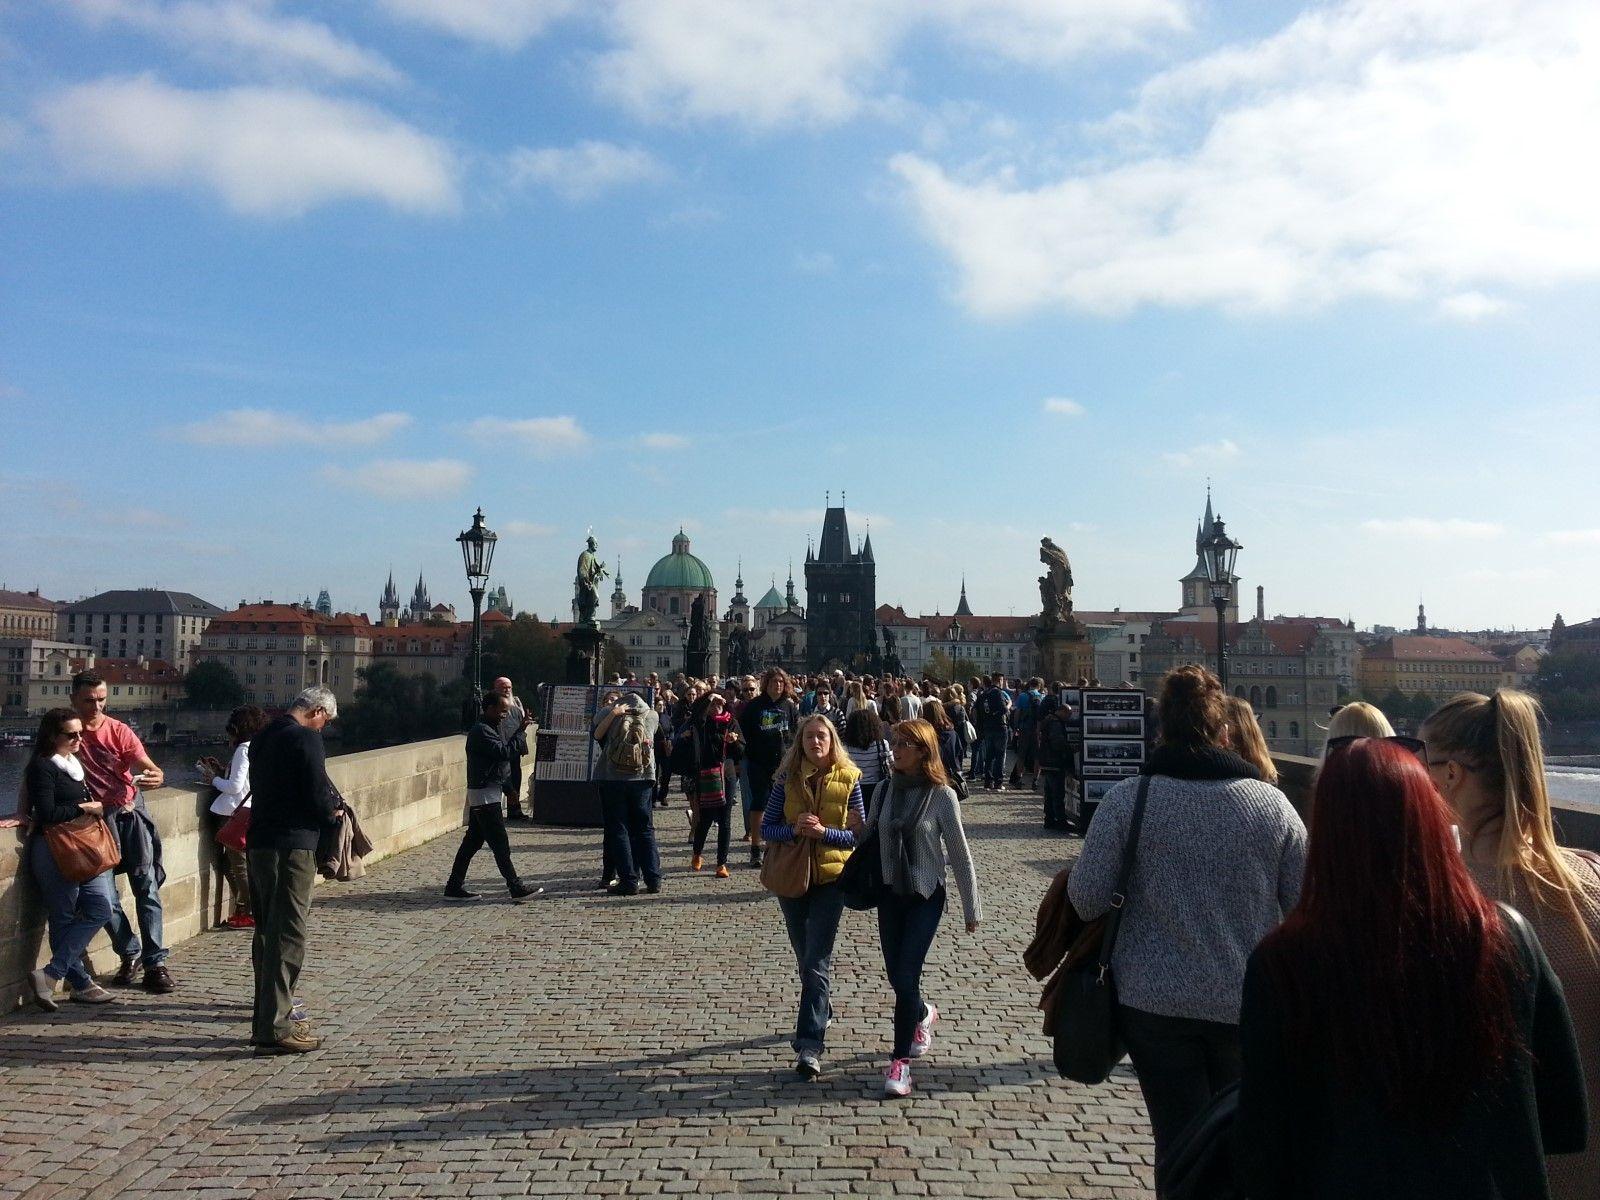 CANNAFEST 2018: Paket bez prijevoza - 73 eura: PRAG: Obilazak uz vodiča